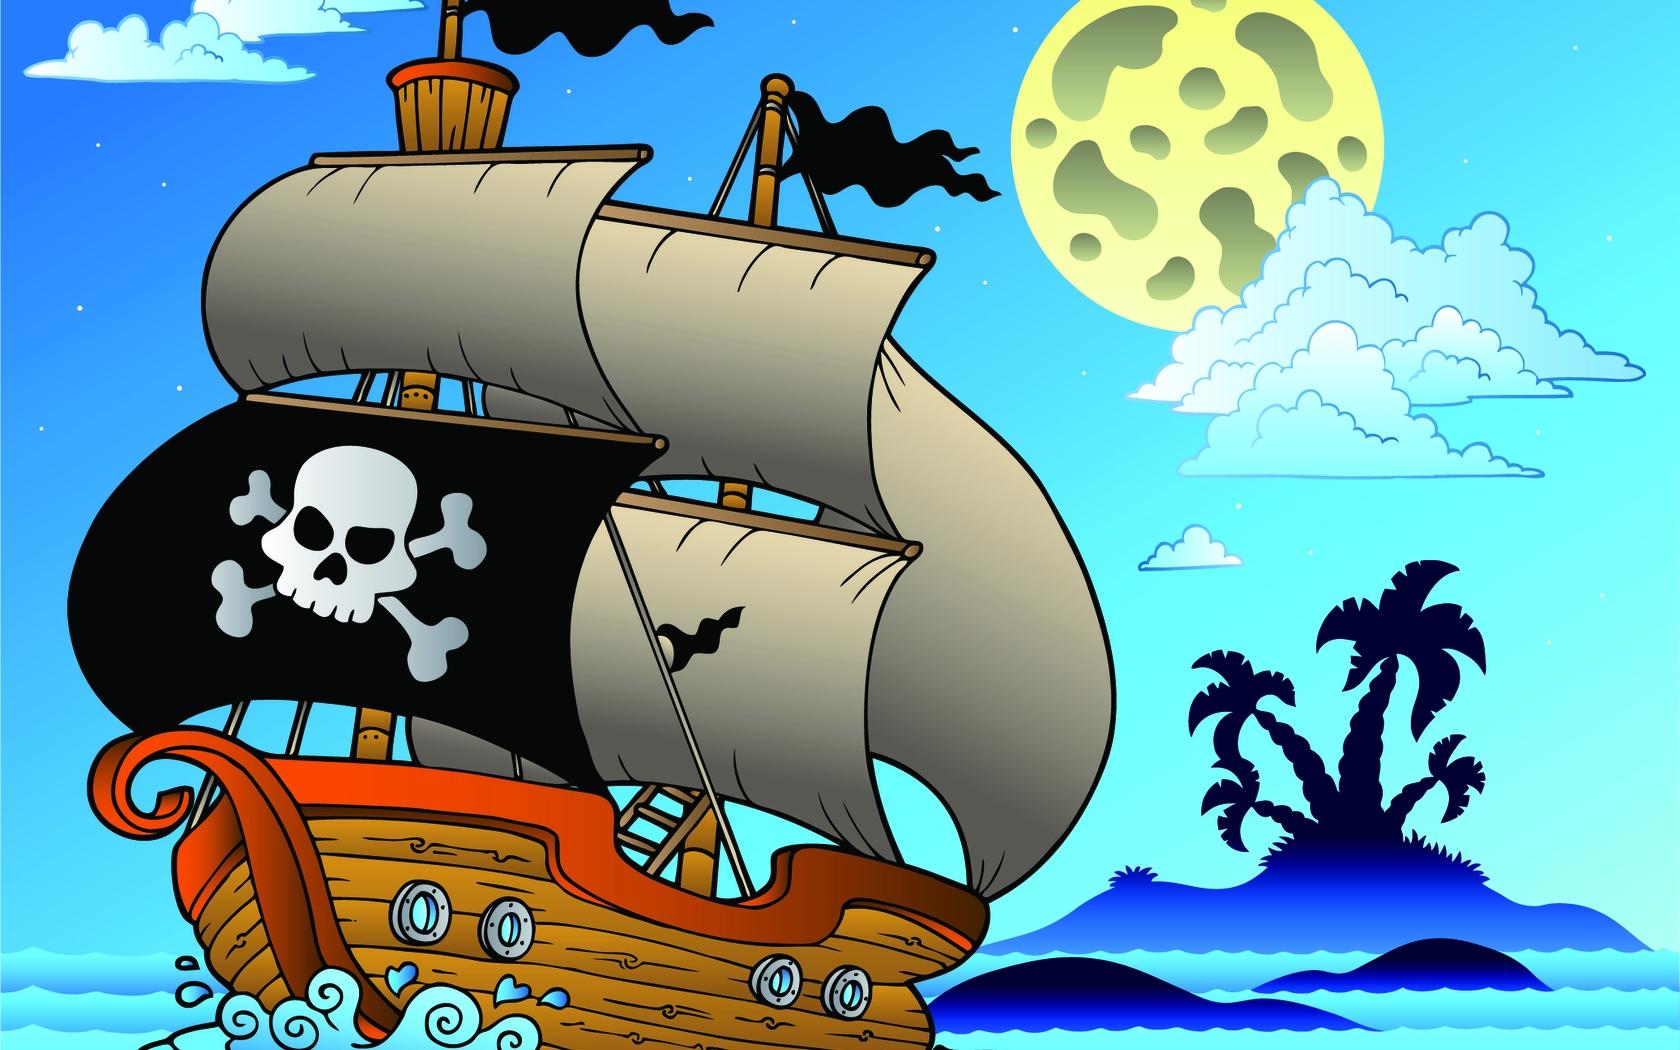 Фриланс пиратское по фрилансер 1с 8.3